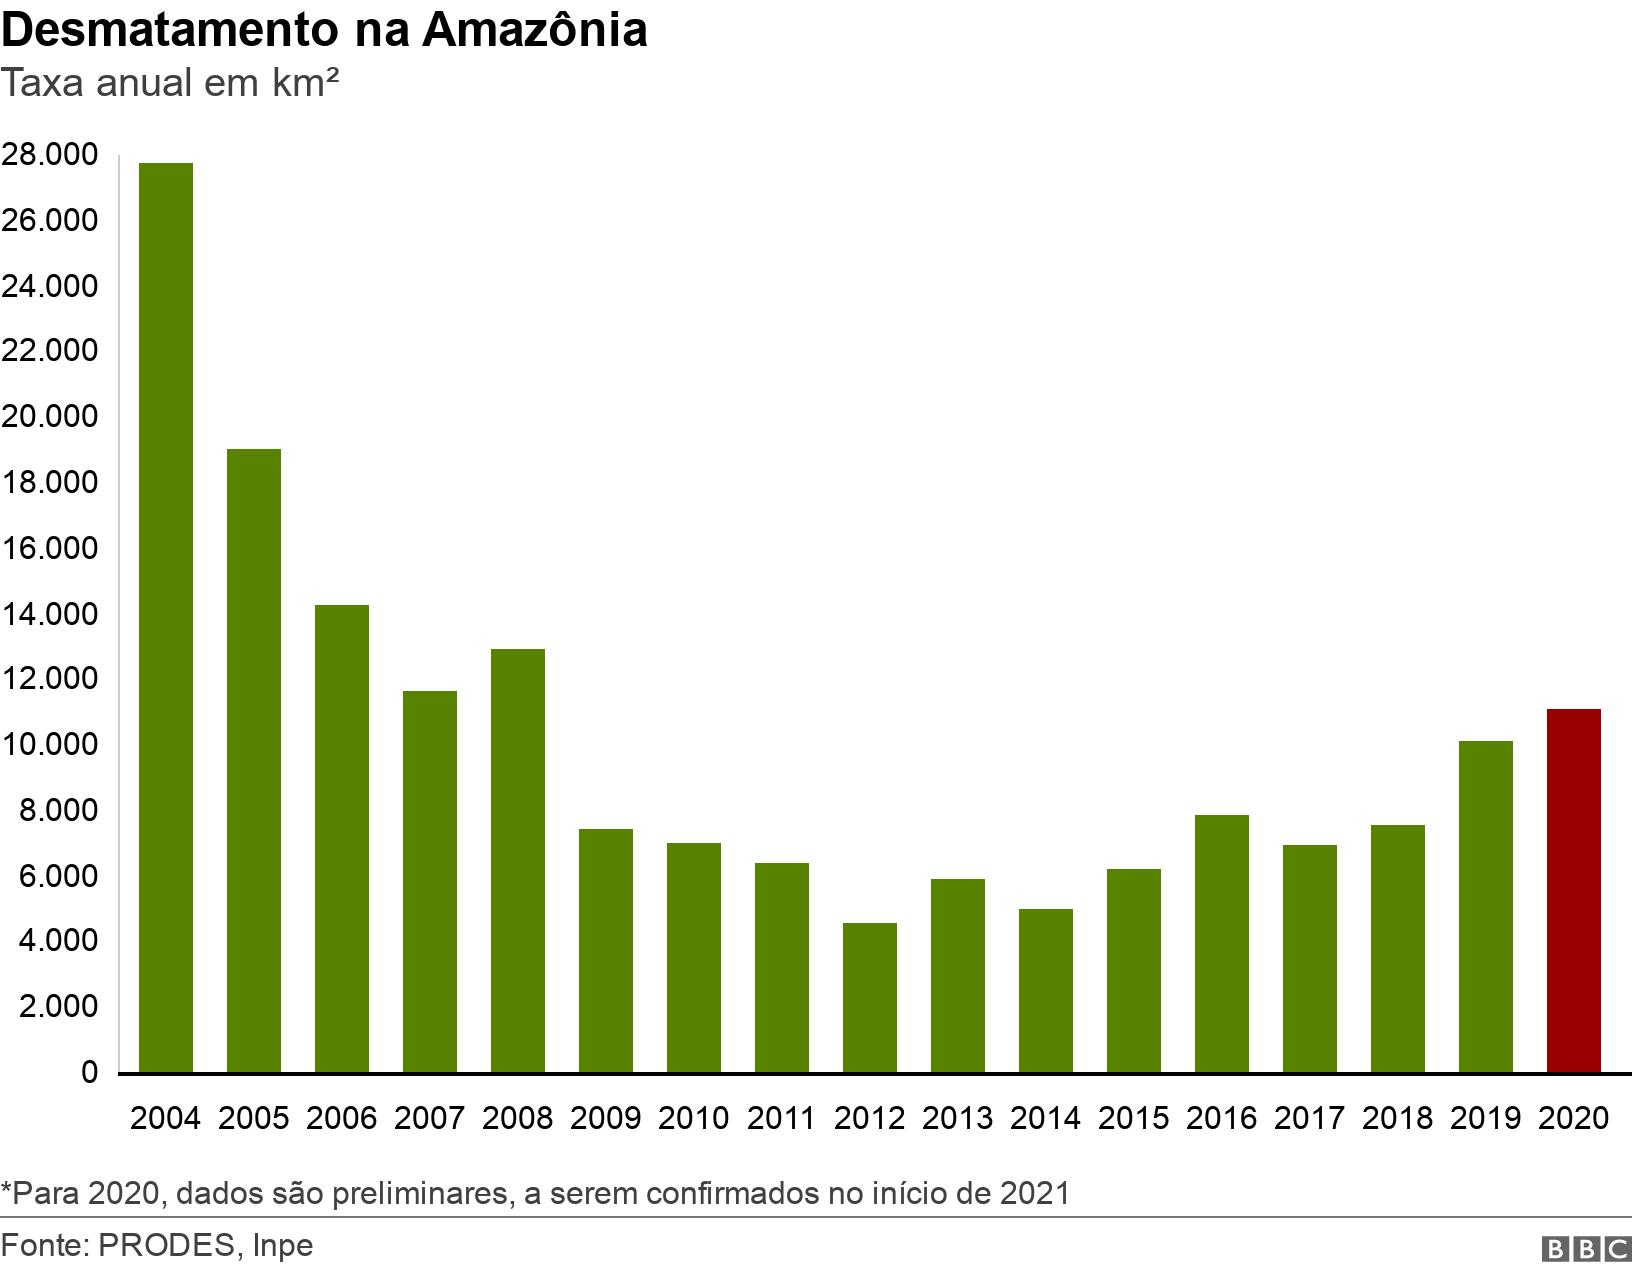 Desmatamento na Amazônia. Taxa anual em km².  *Para 2020, dados são preliminares, a serem confirmados no início de 2021.